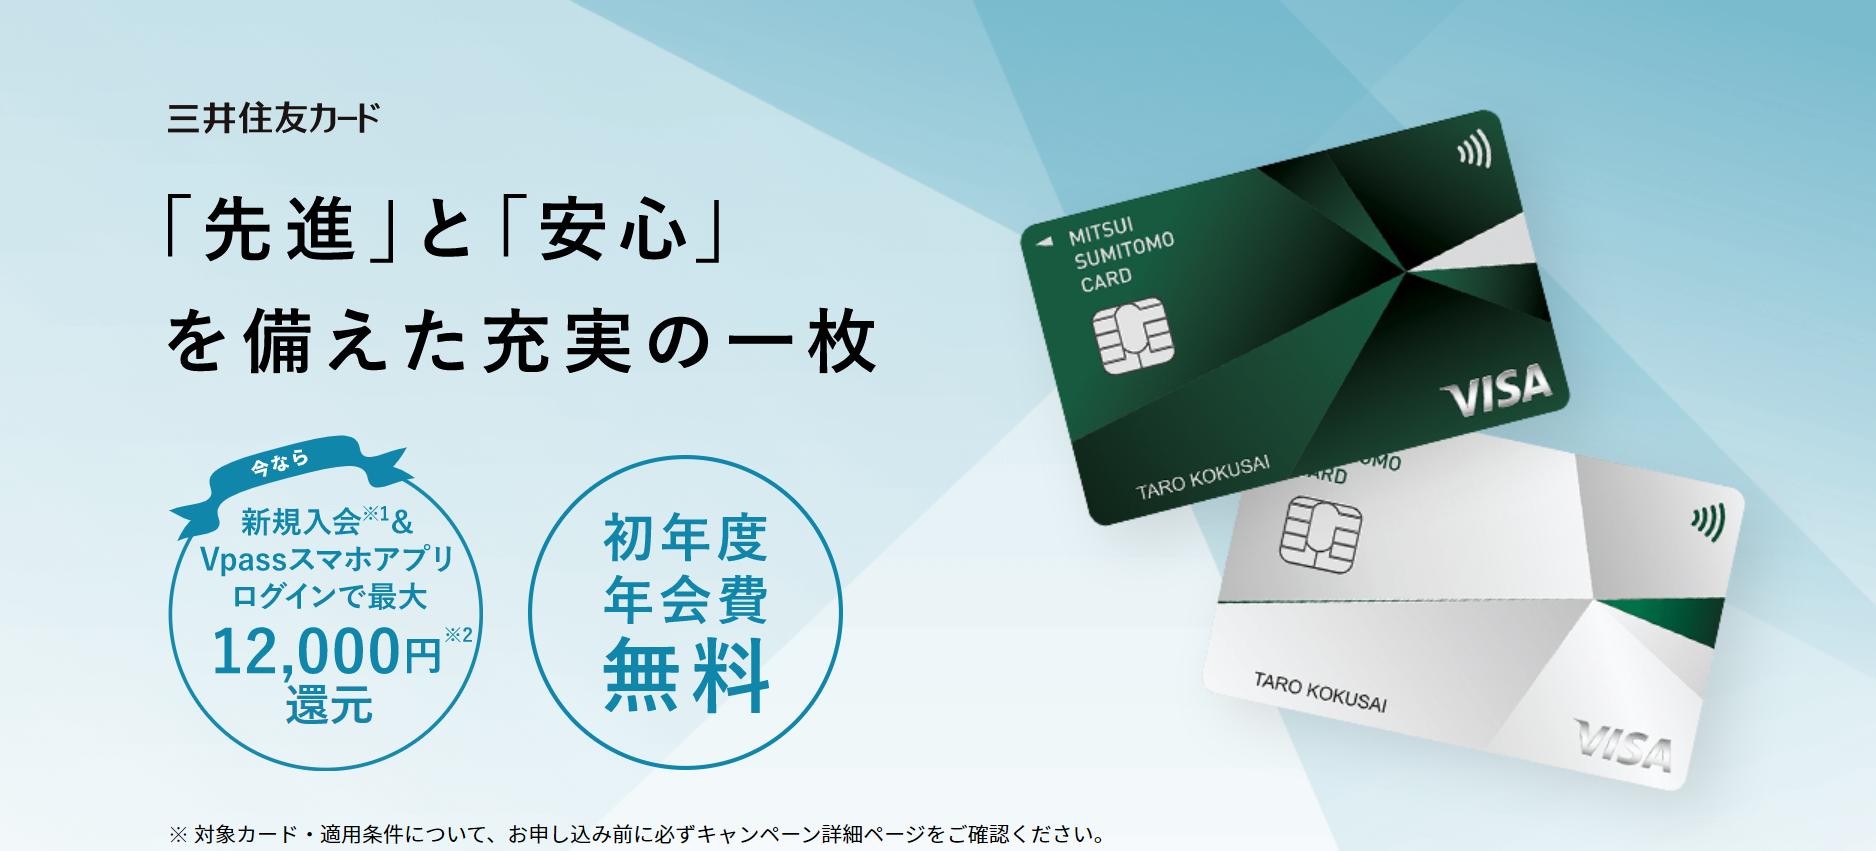 カード 銀行 三井 住友 クレジット